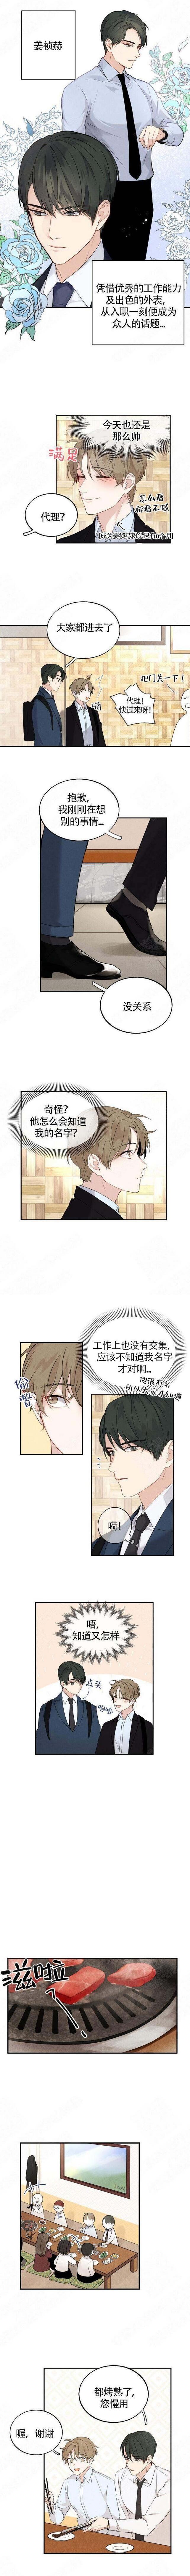 韩国漫画恋上你在线观看